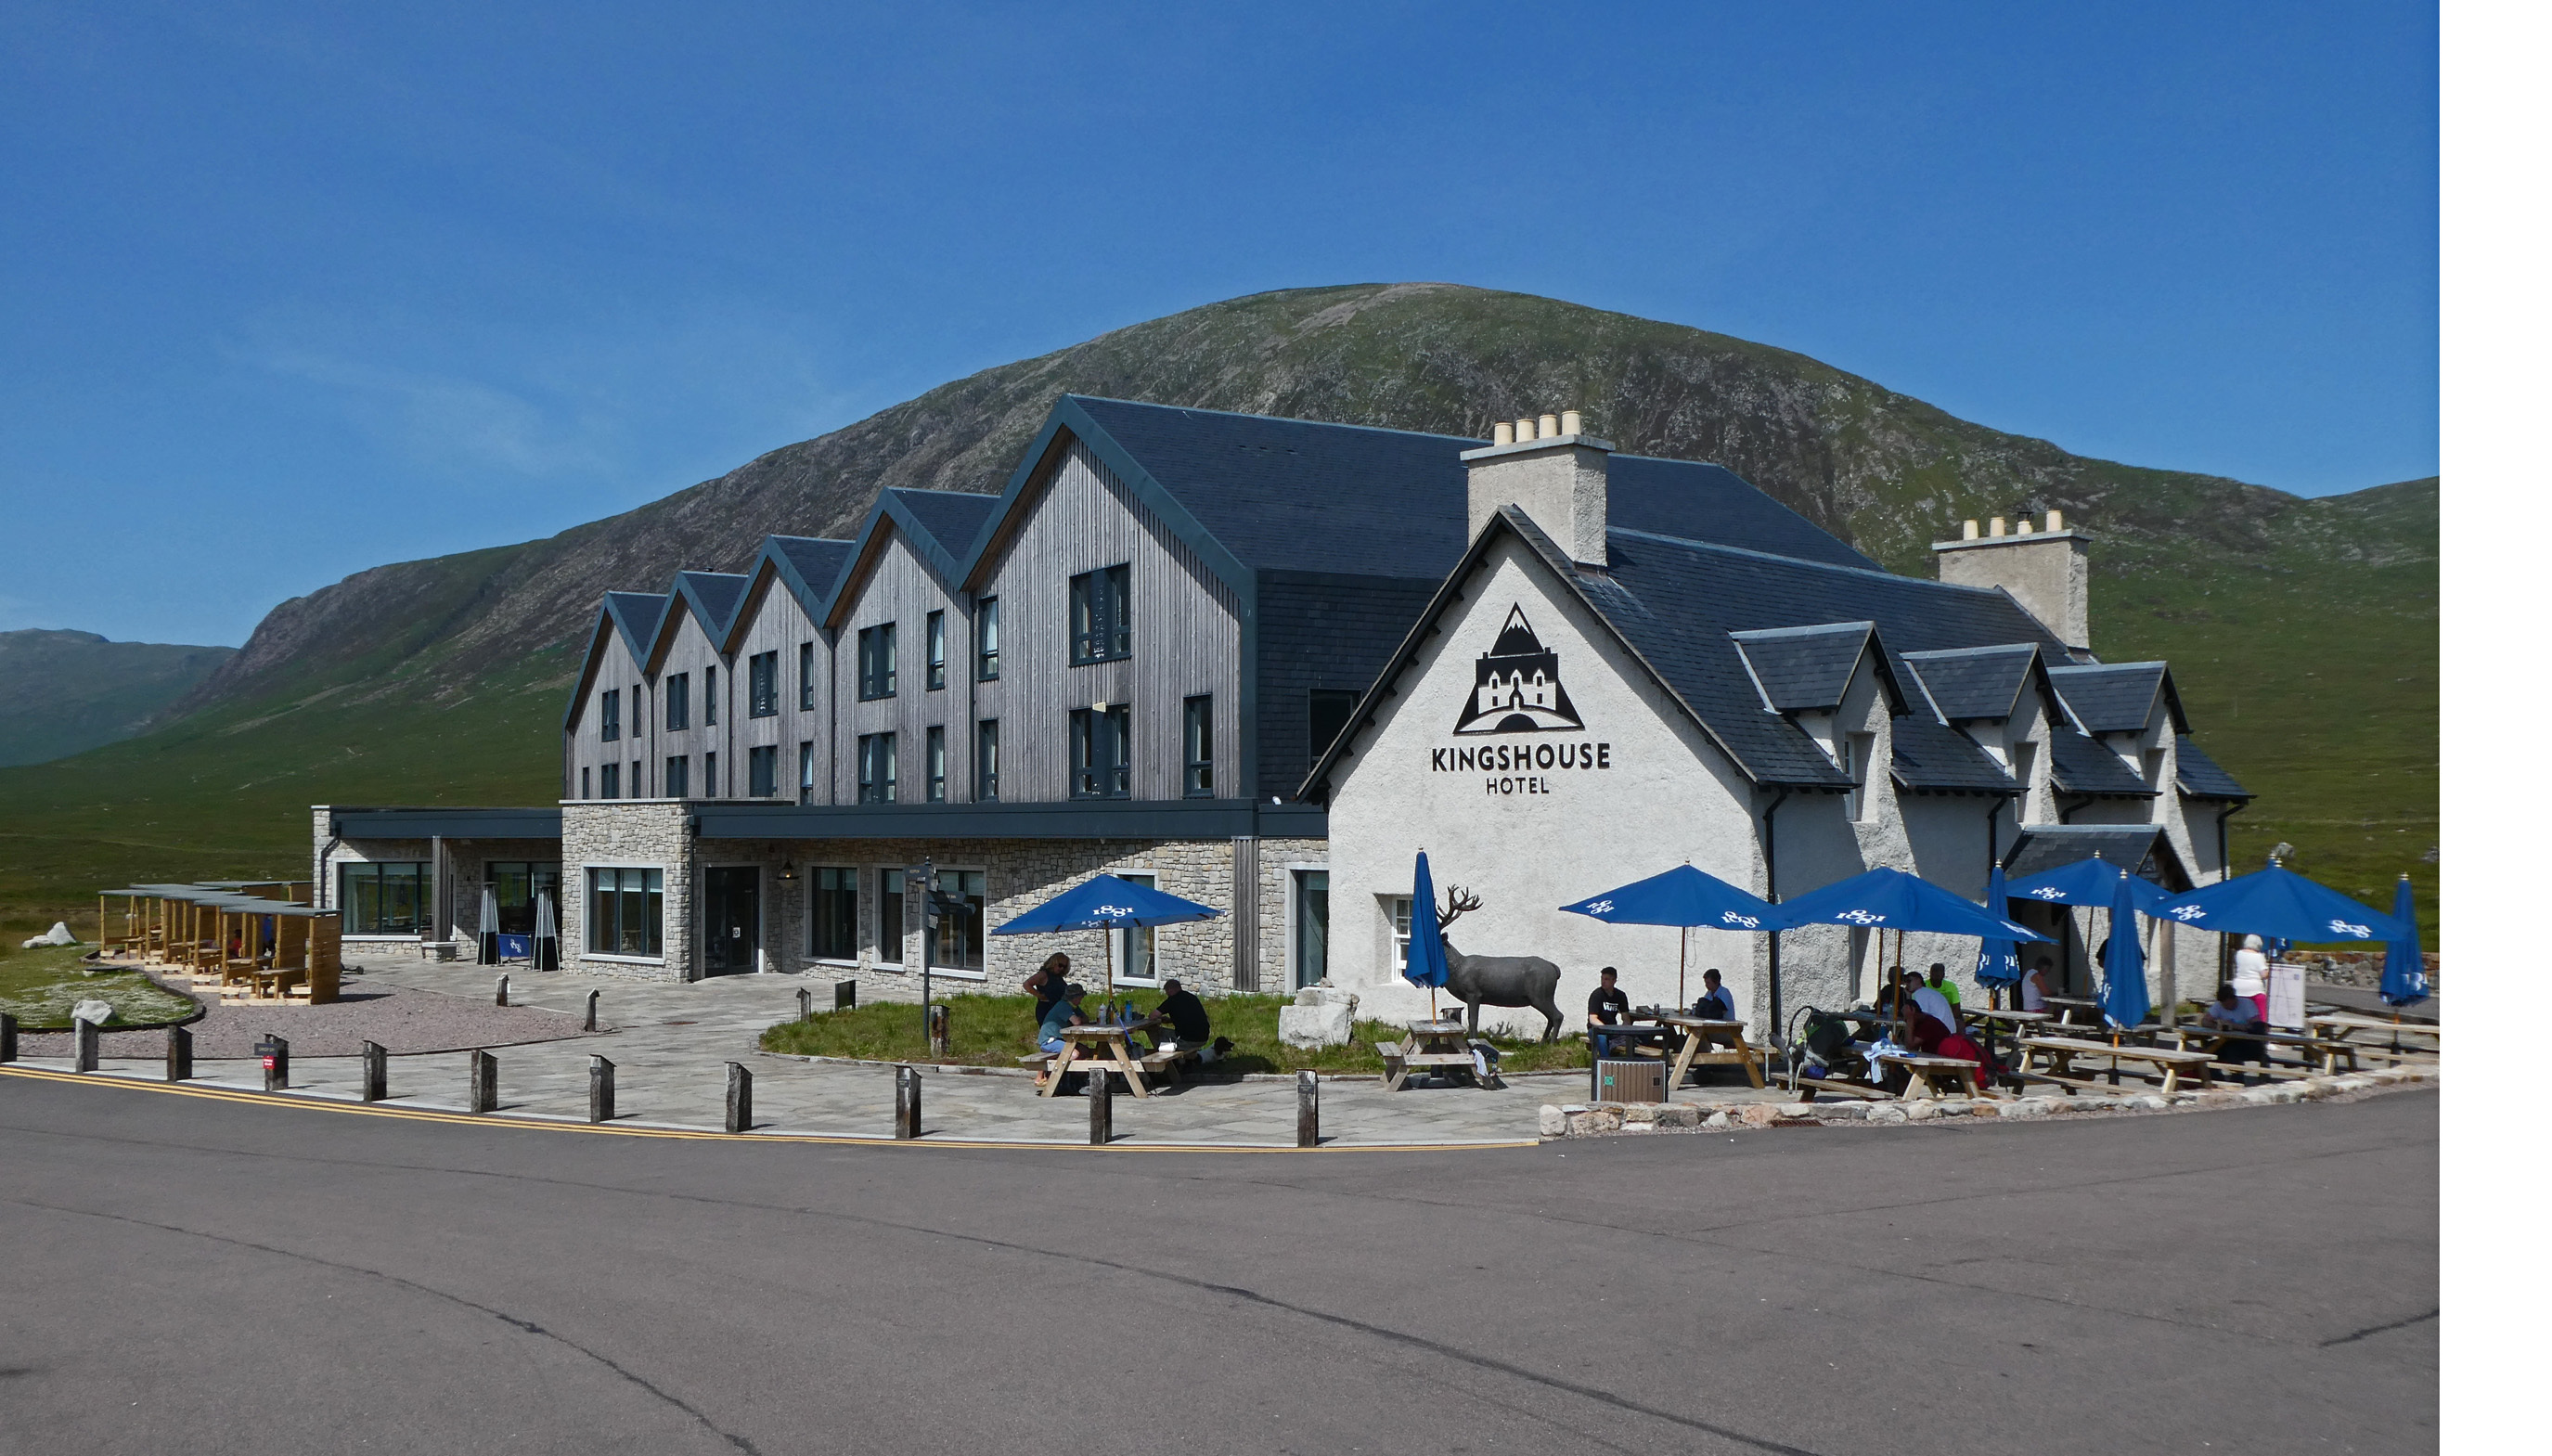 kingshouse hotel.JPG